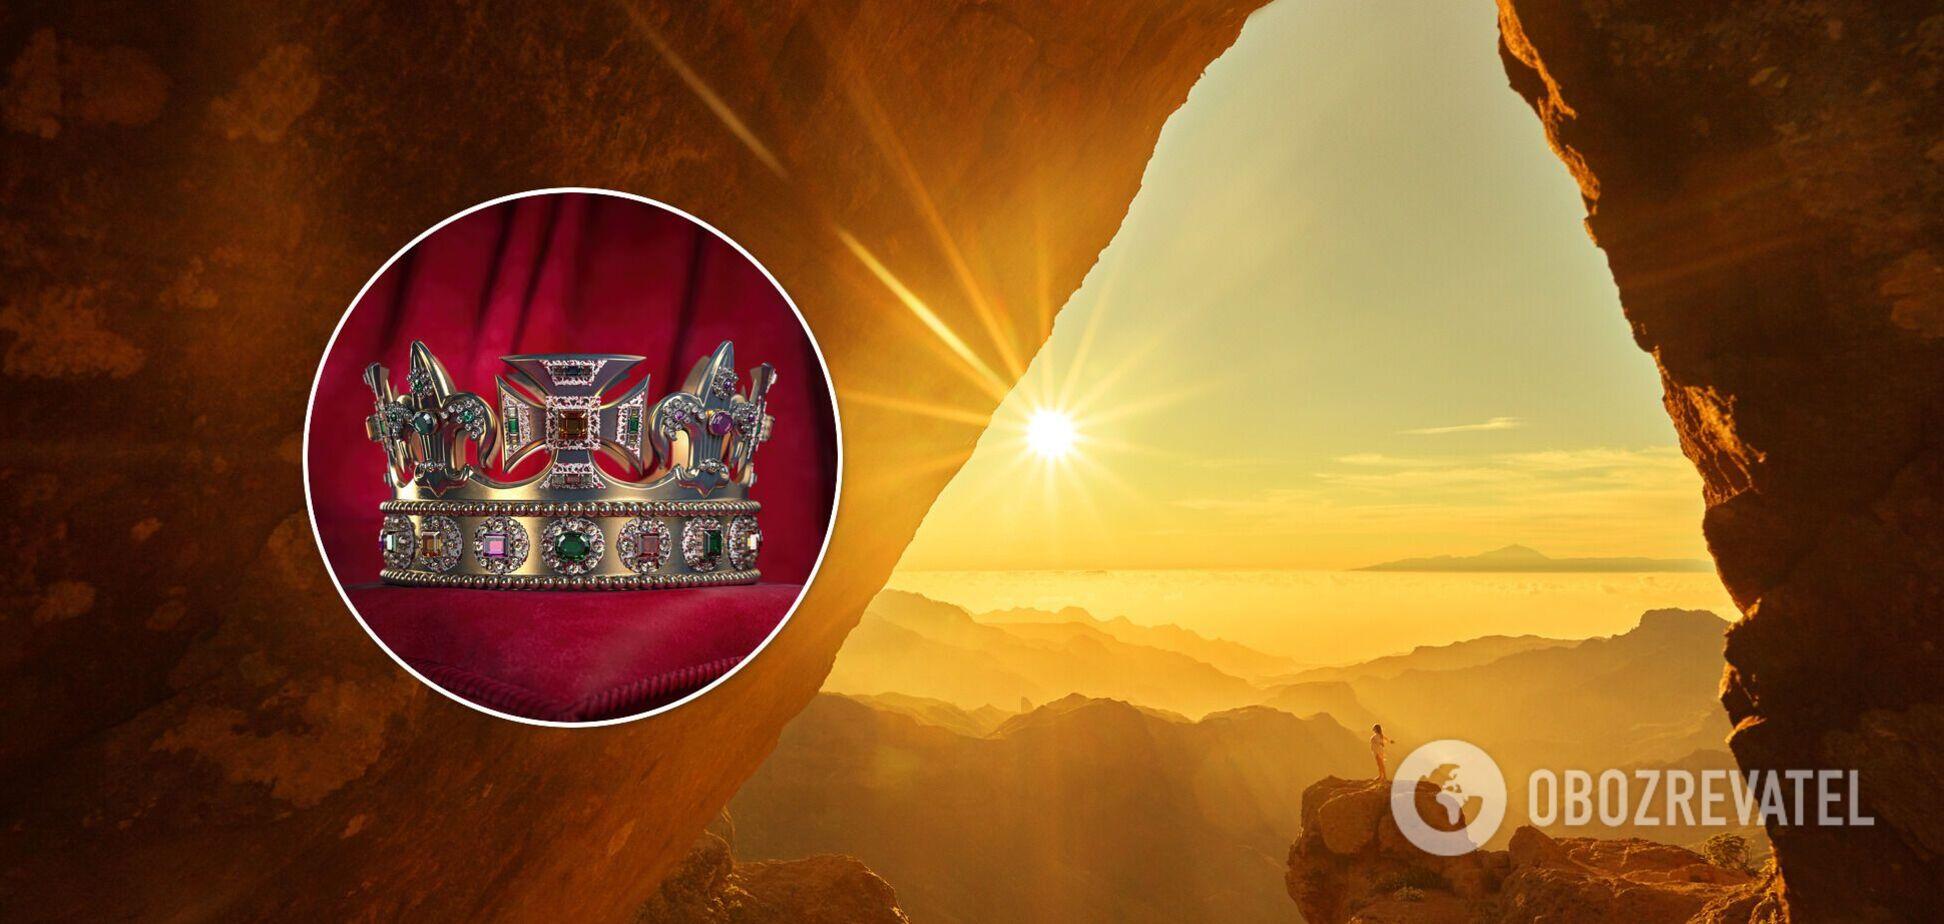 Точка перемен 21 июня: наденьте корону и повелевайте судьбой